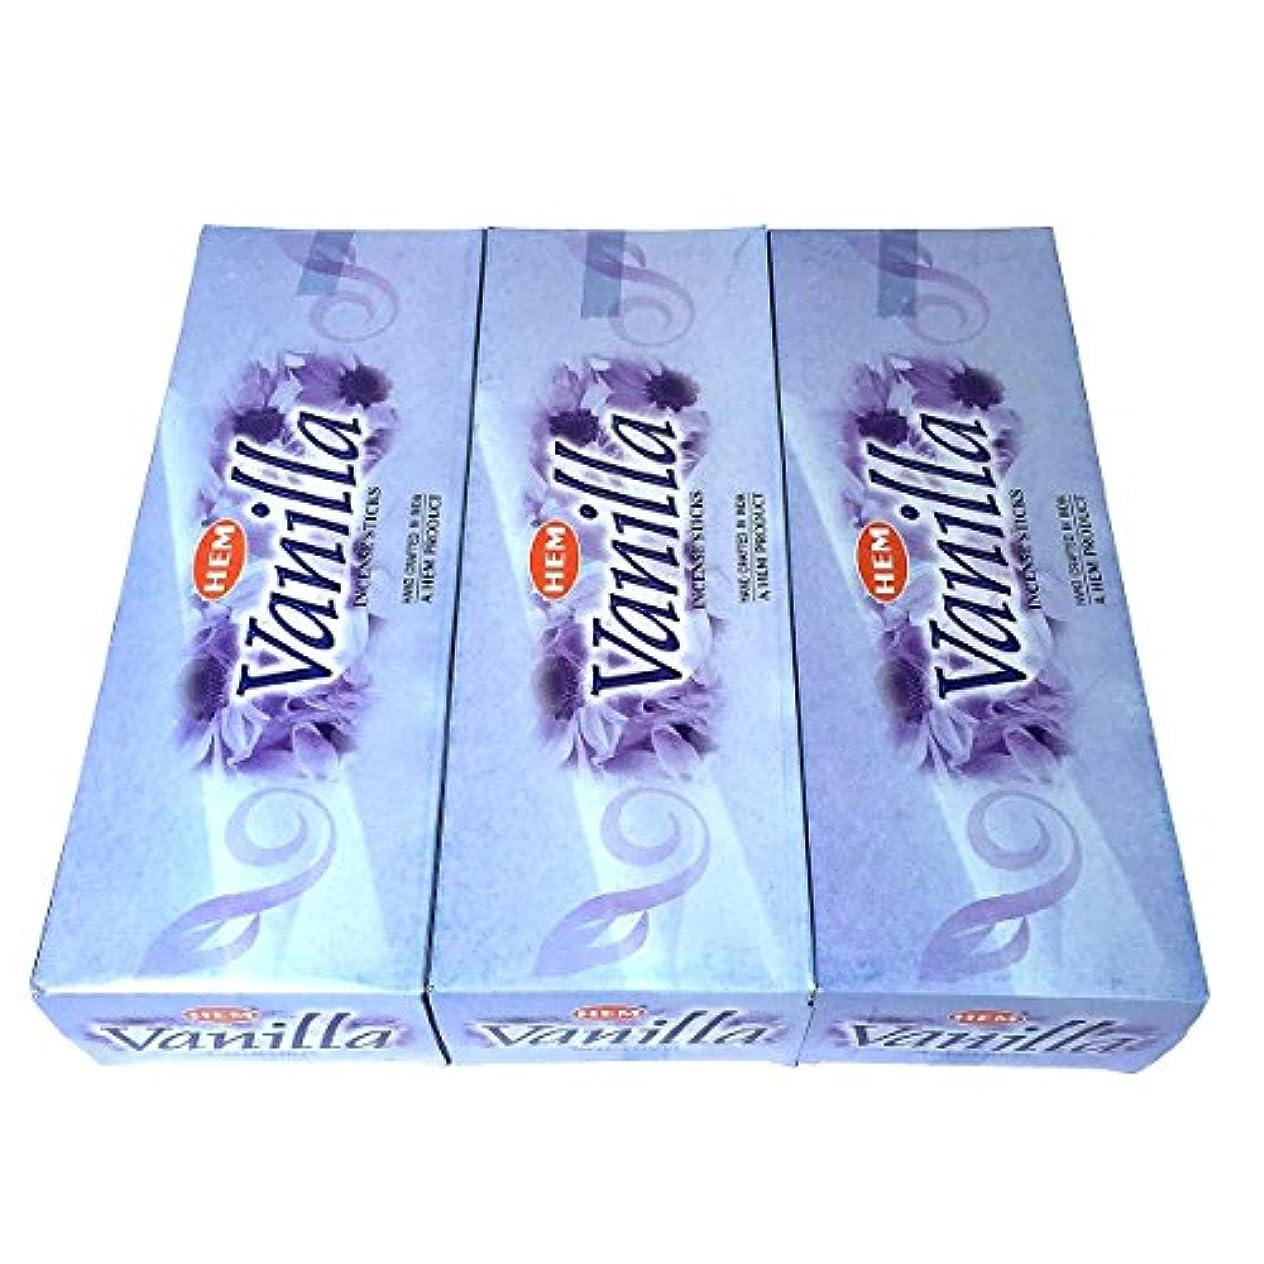 全部敬礼わかるバニラ香 スティック 3BOX(18箱)/HEM VANILLA / インド香 お香 [並行輸入品]